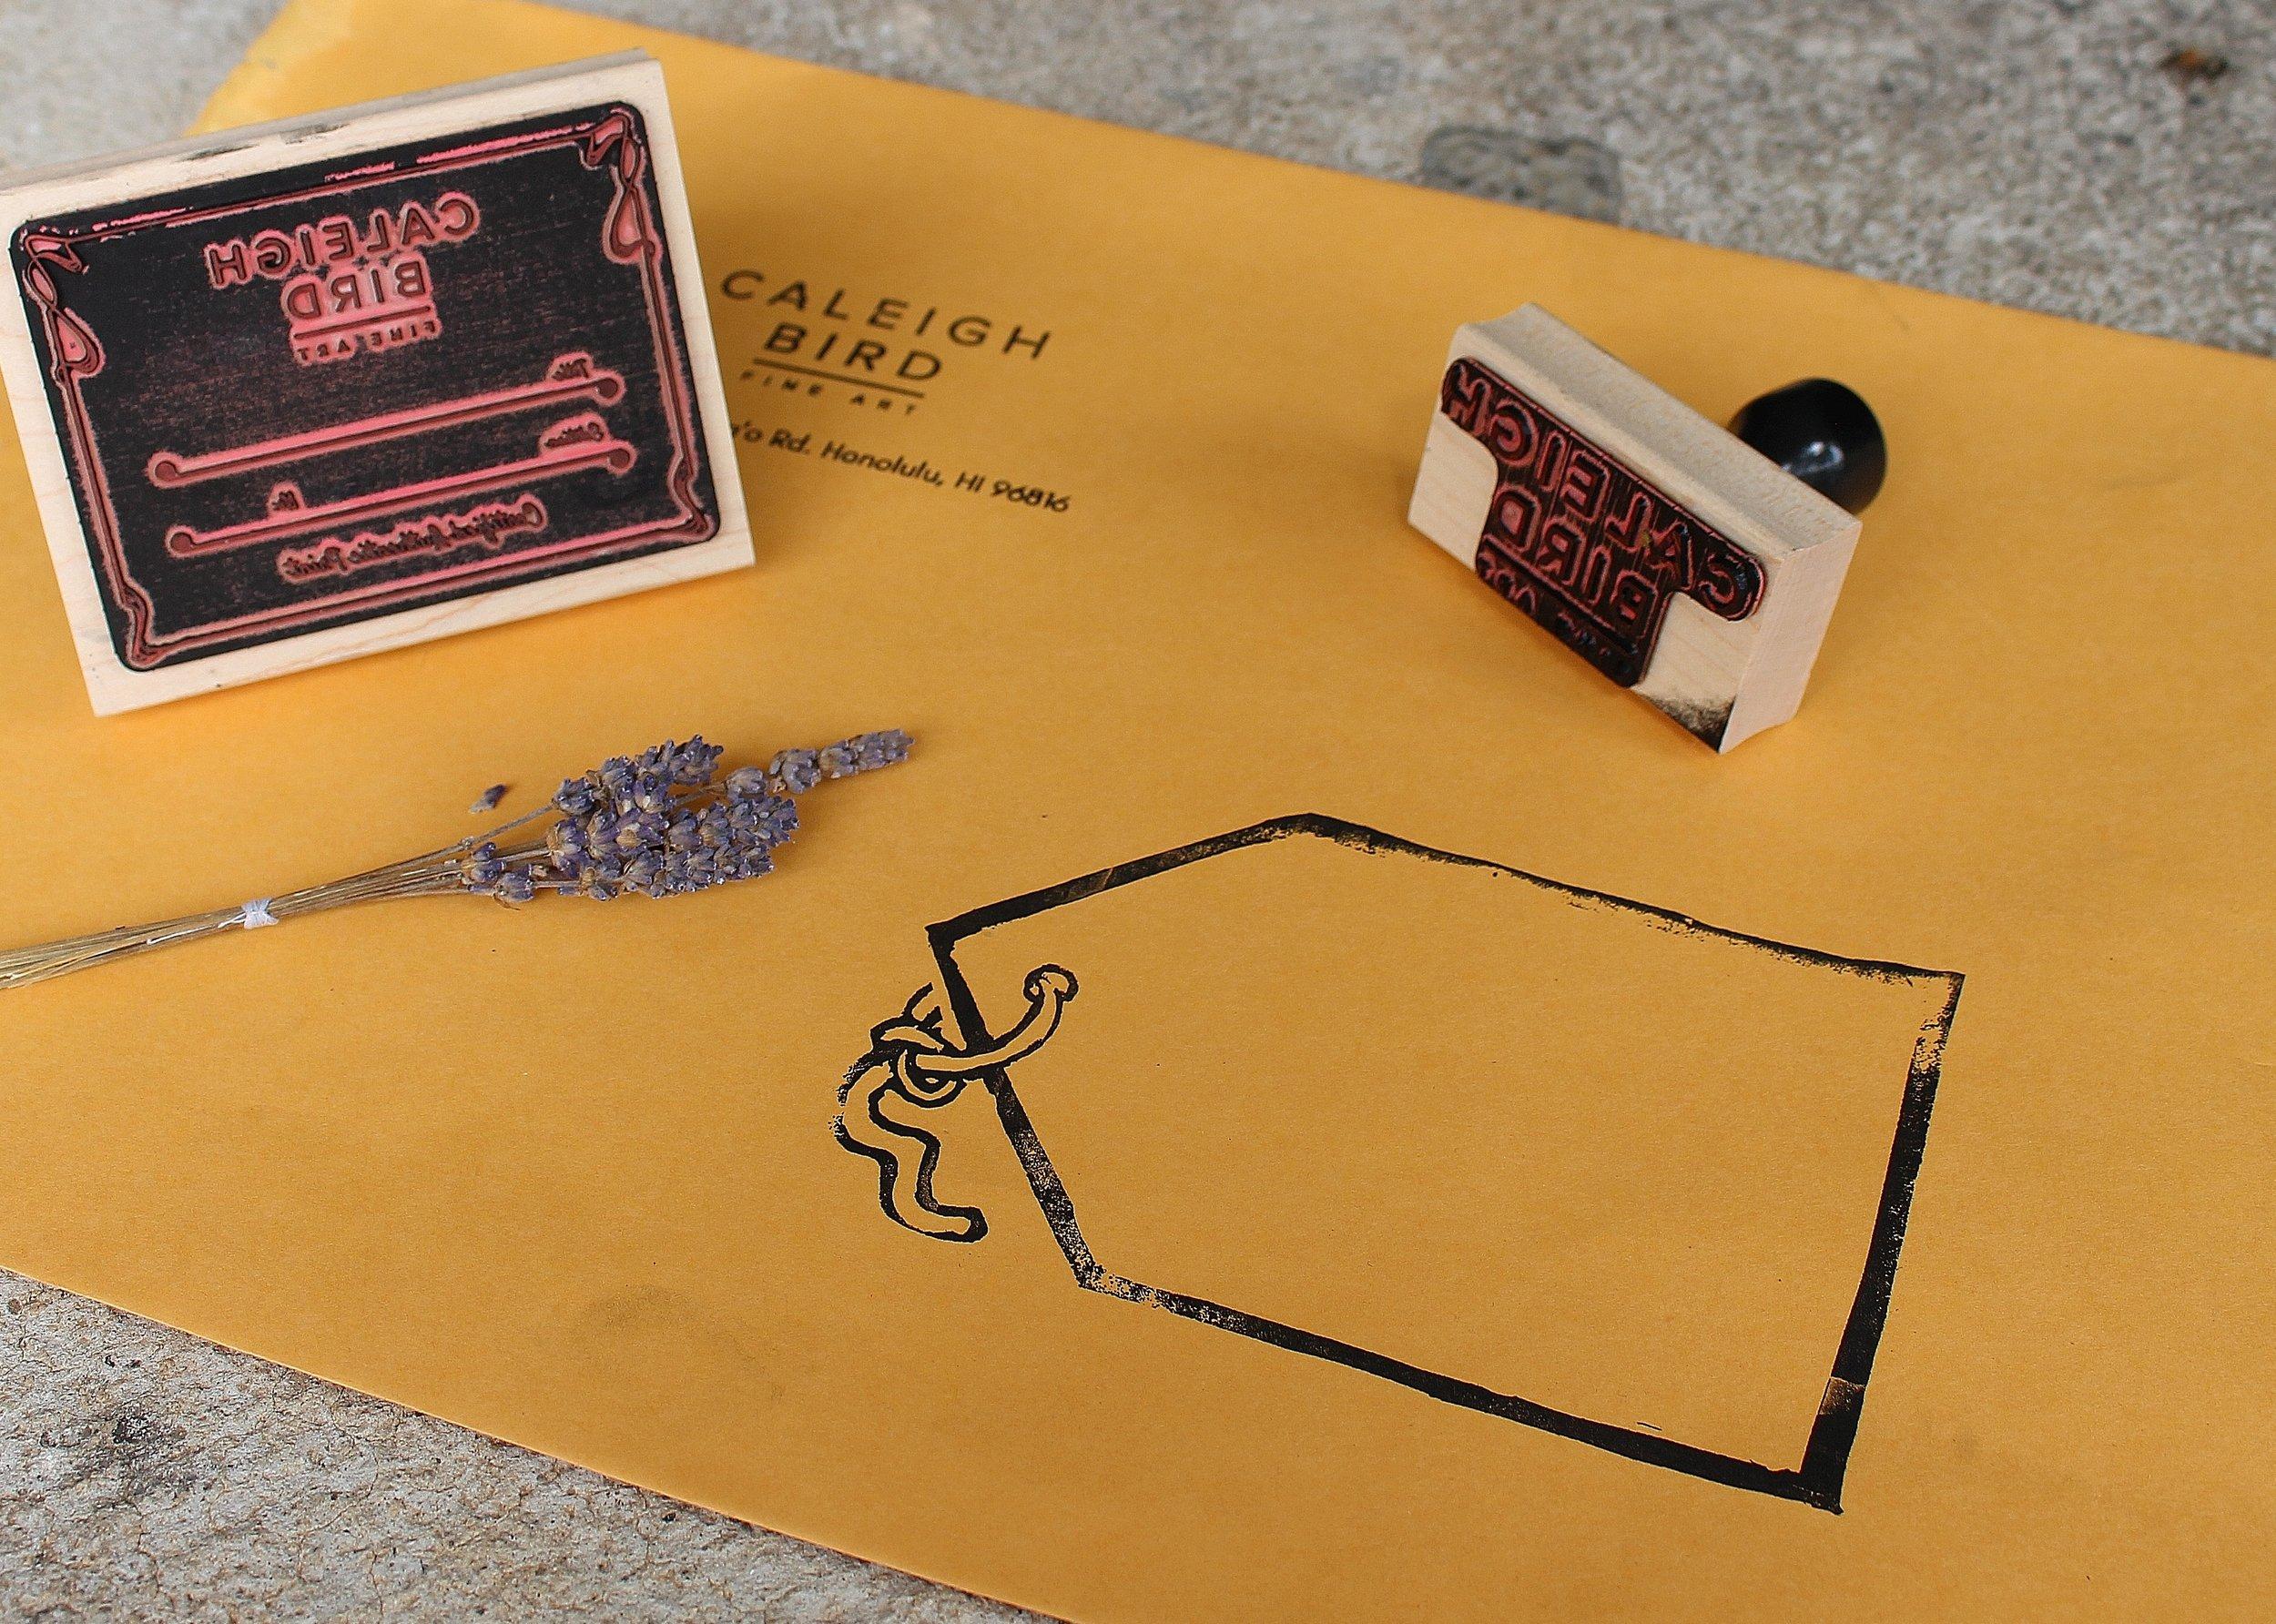 design for mail parcel